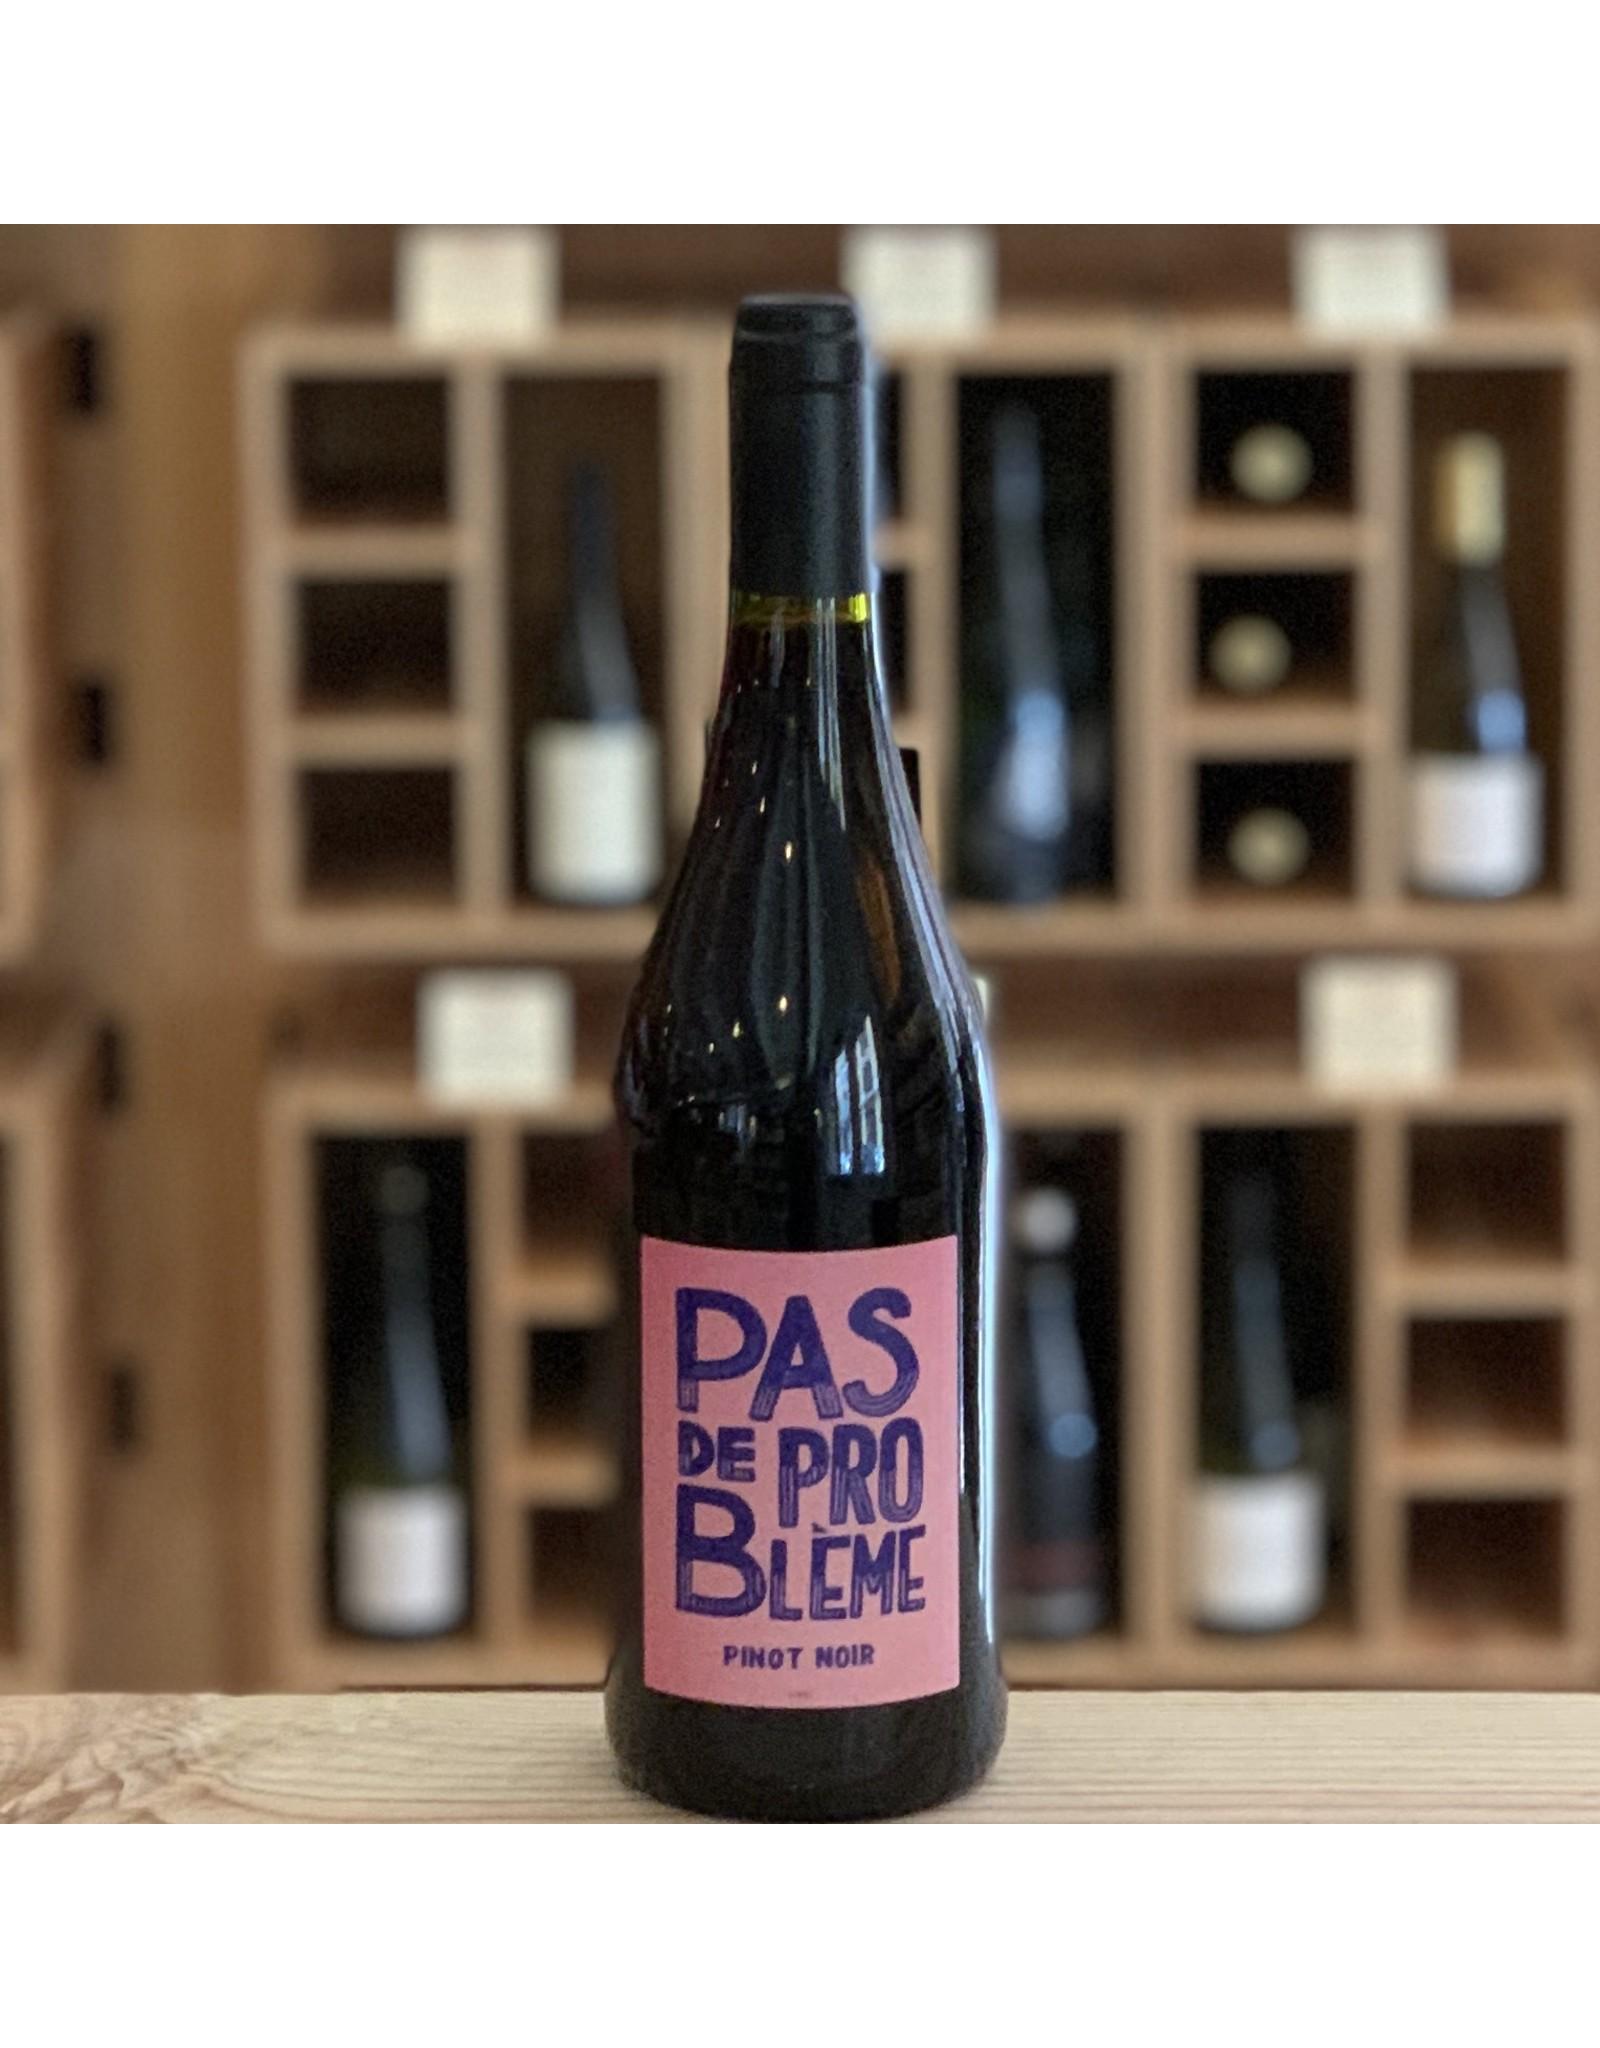 Languedoc-Roussillon Pas De Probleme Pinot Noir 2019 - Languedoc-Roussillon, France